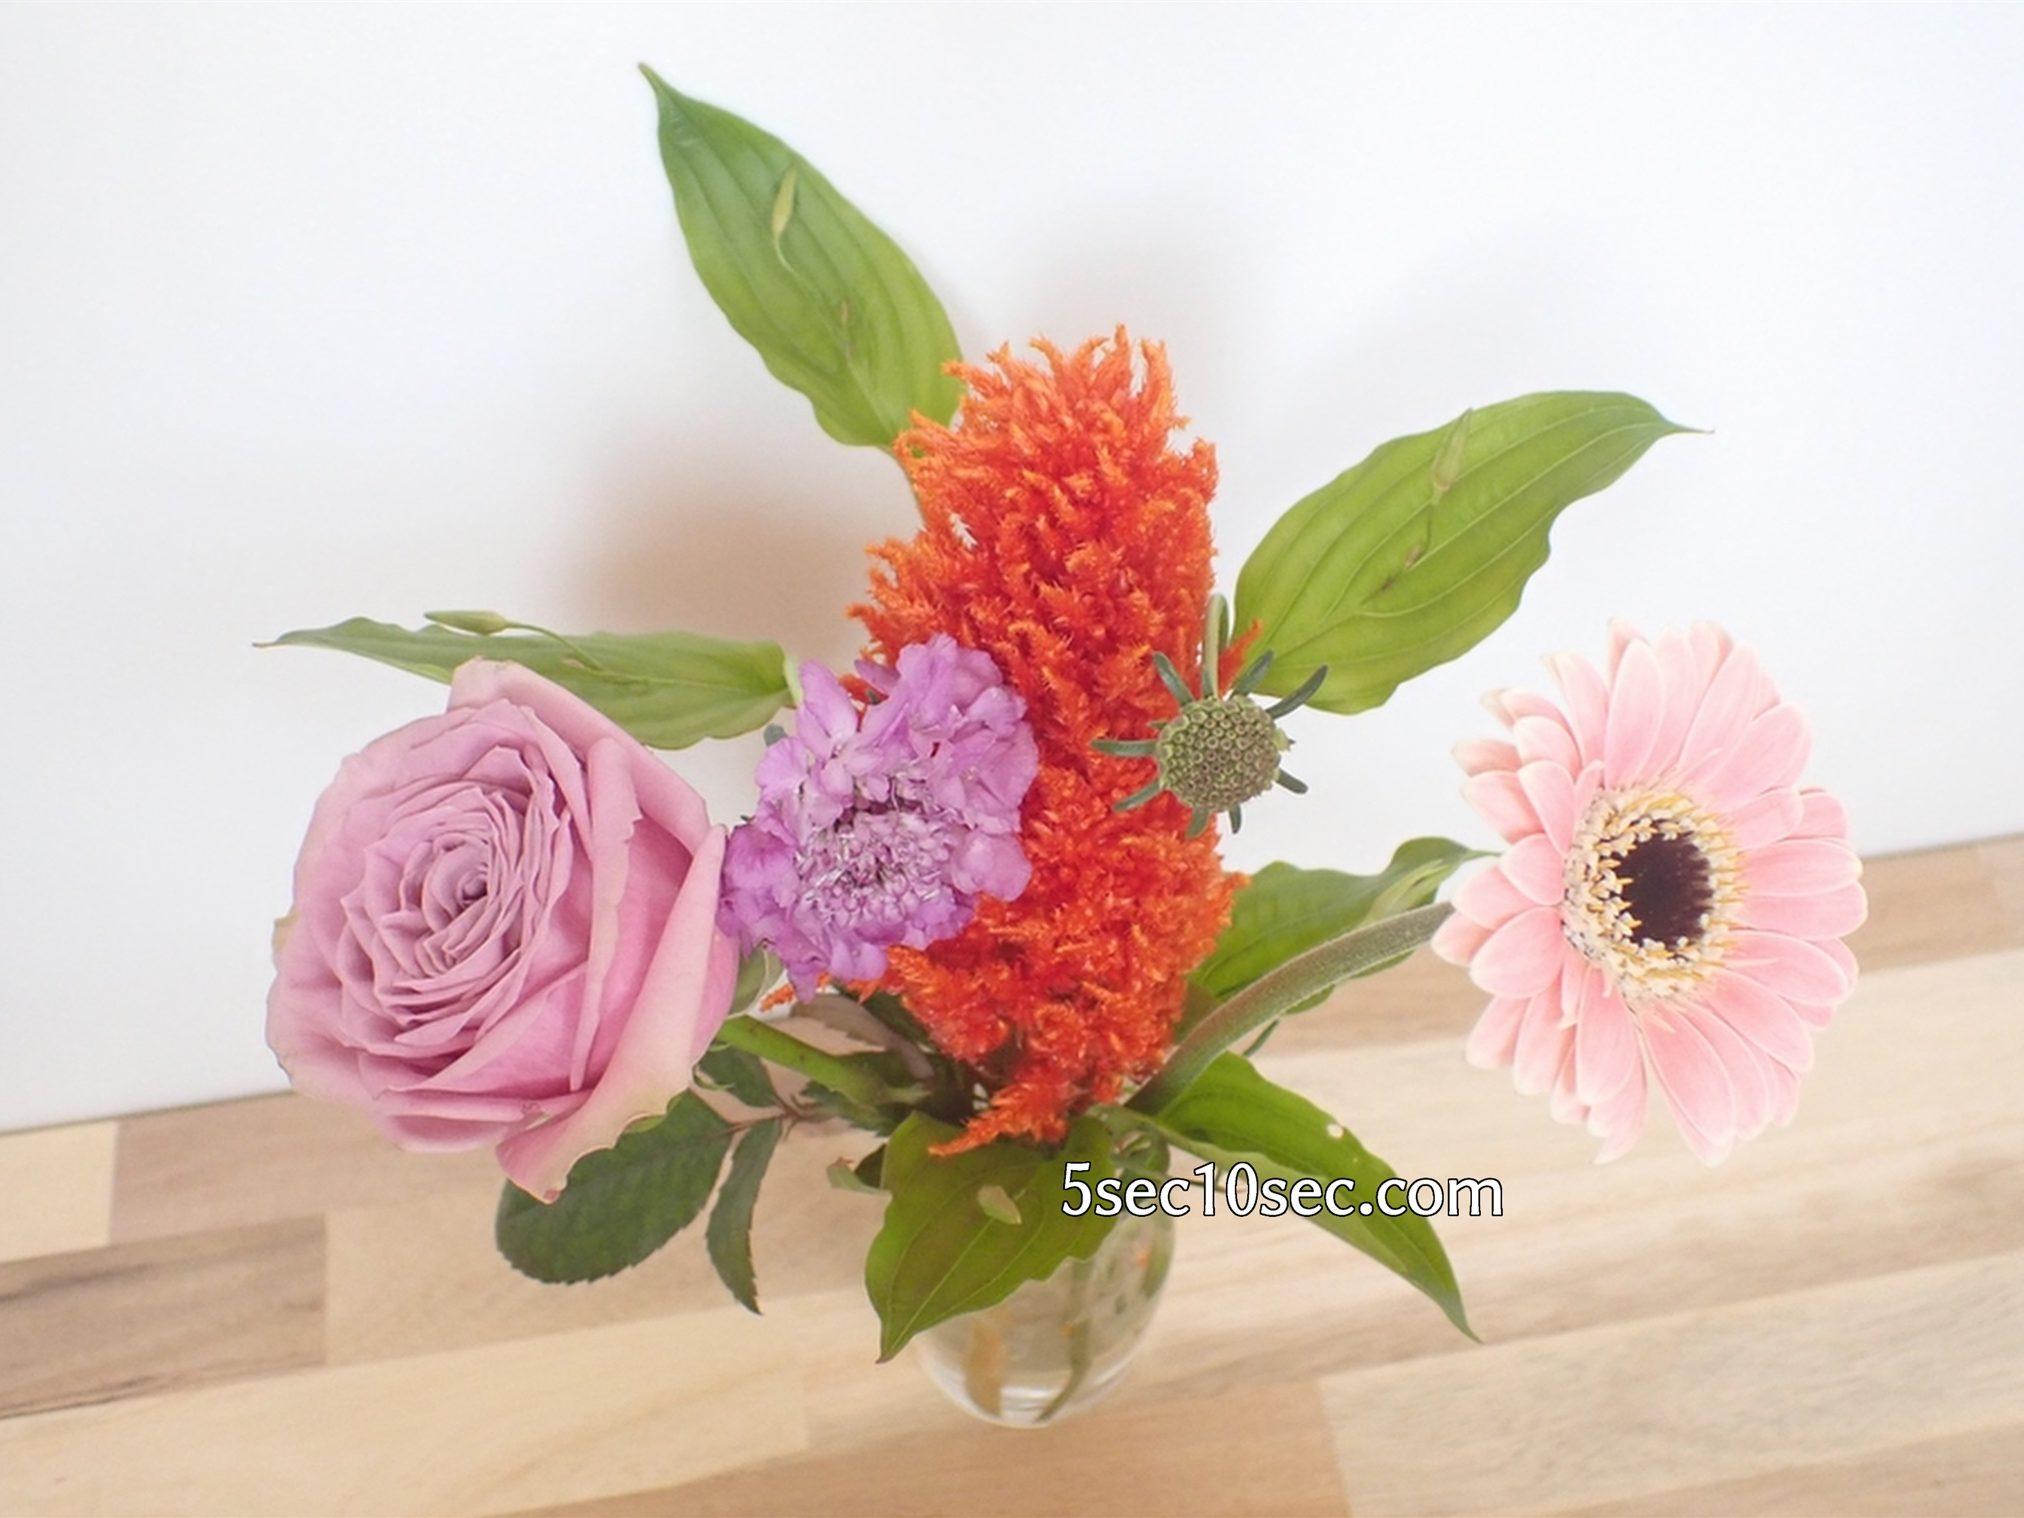 株式会社Crunch Style お花の定期便 Bloomee LIFE ブルーミーライフ レギュラープラン 届いた翌日、2日目のお花の状態です